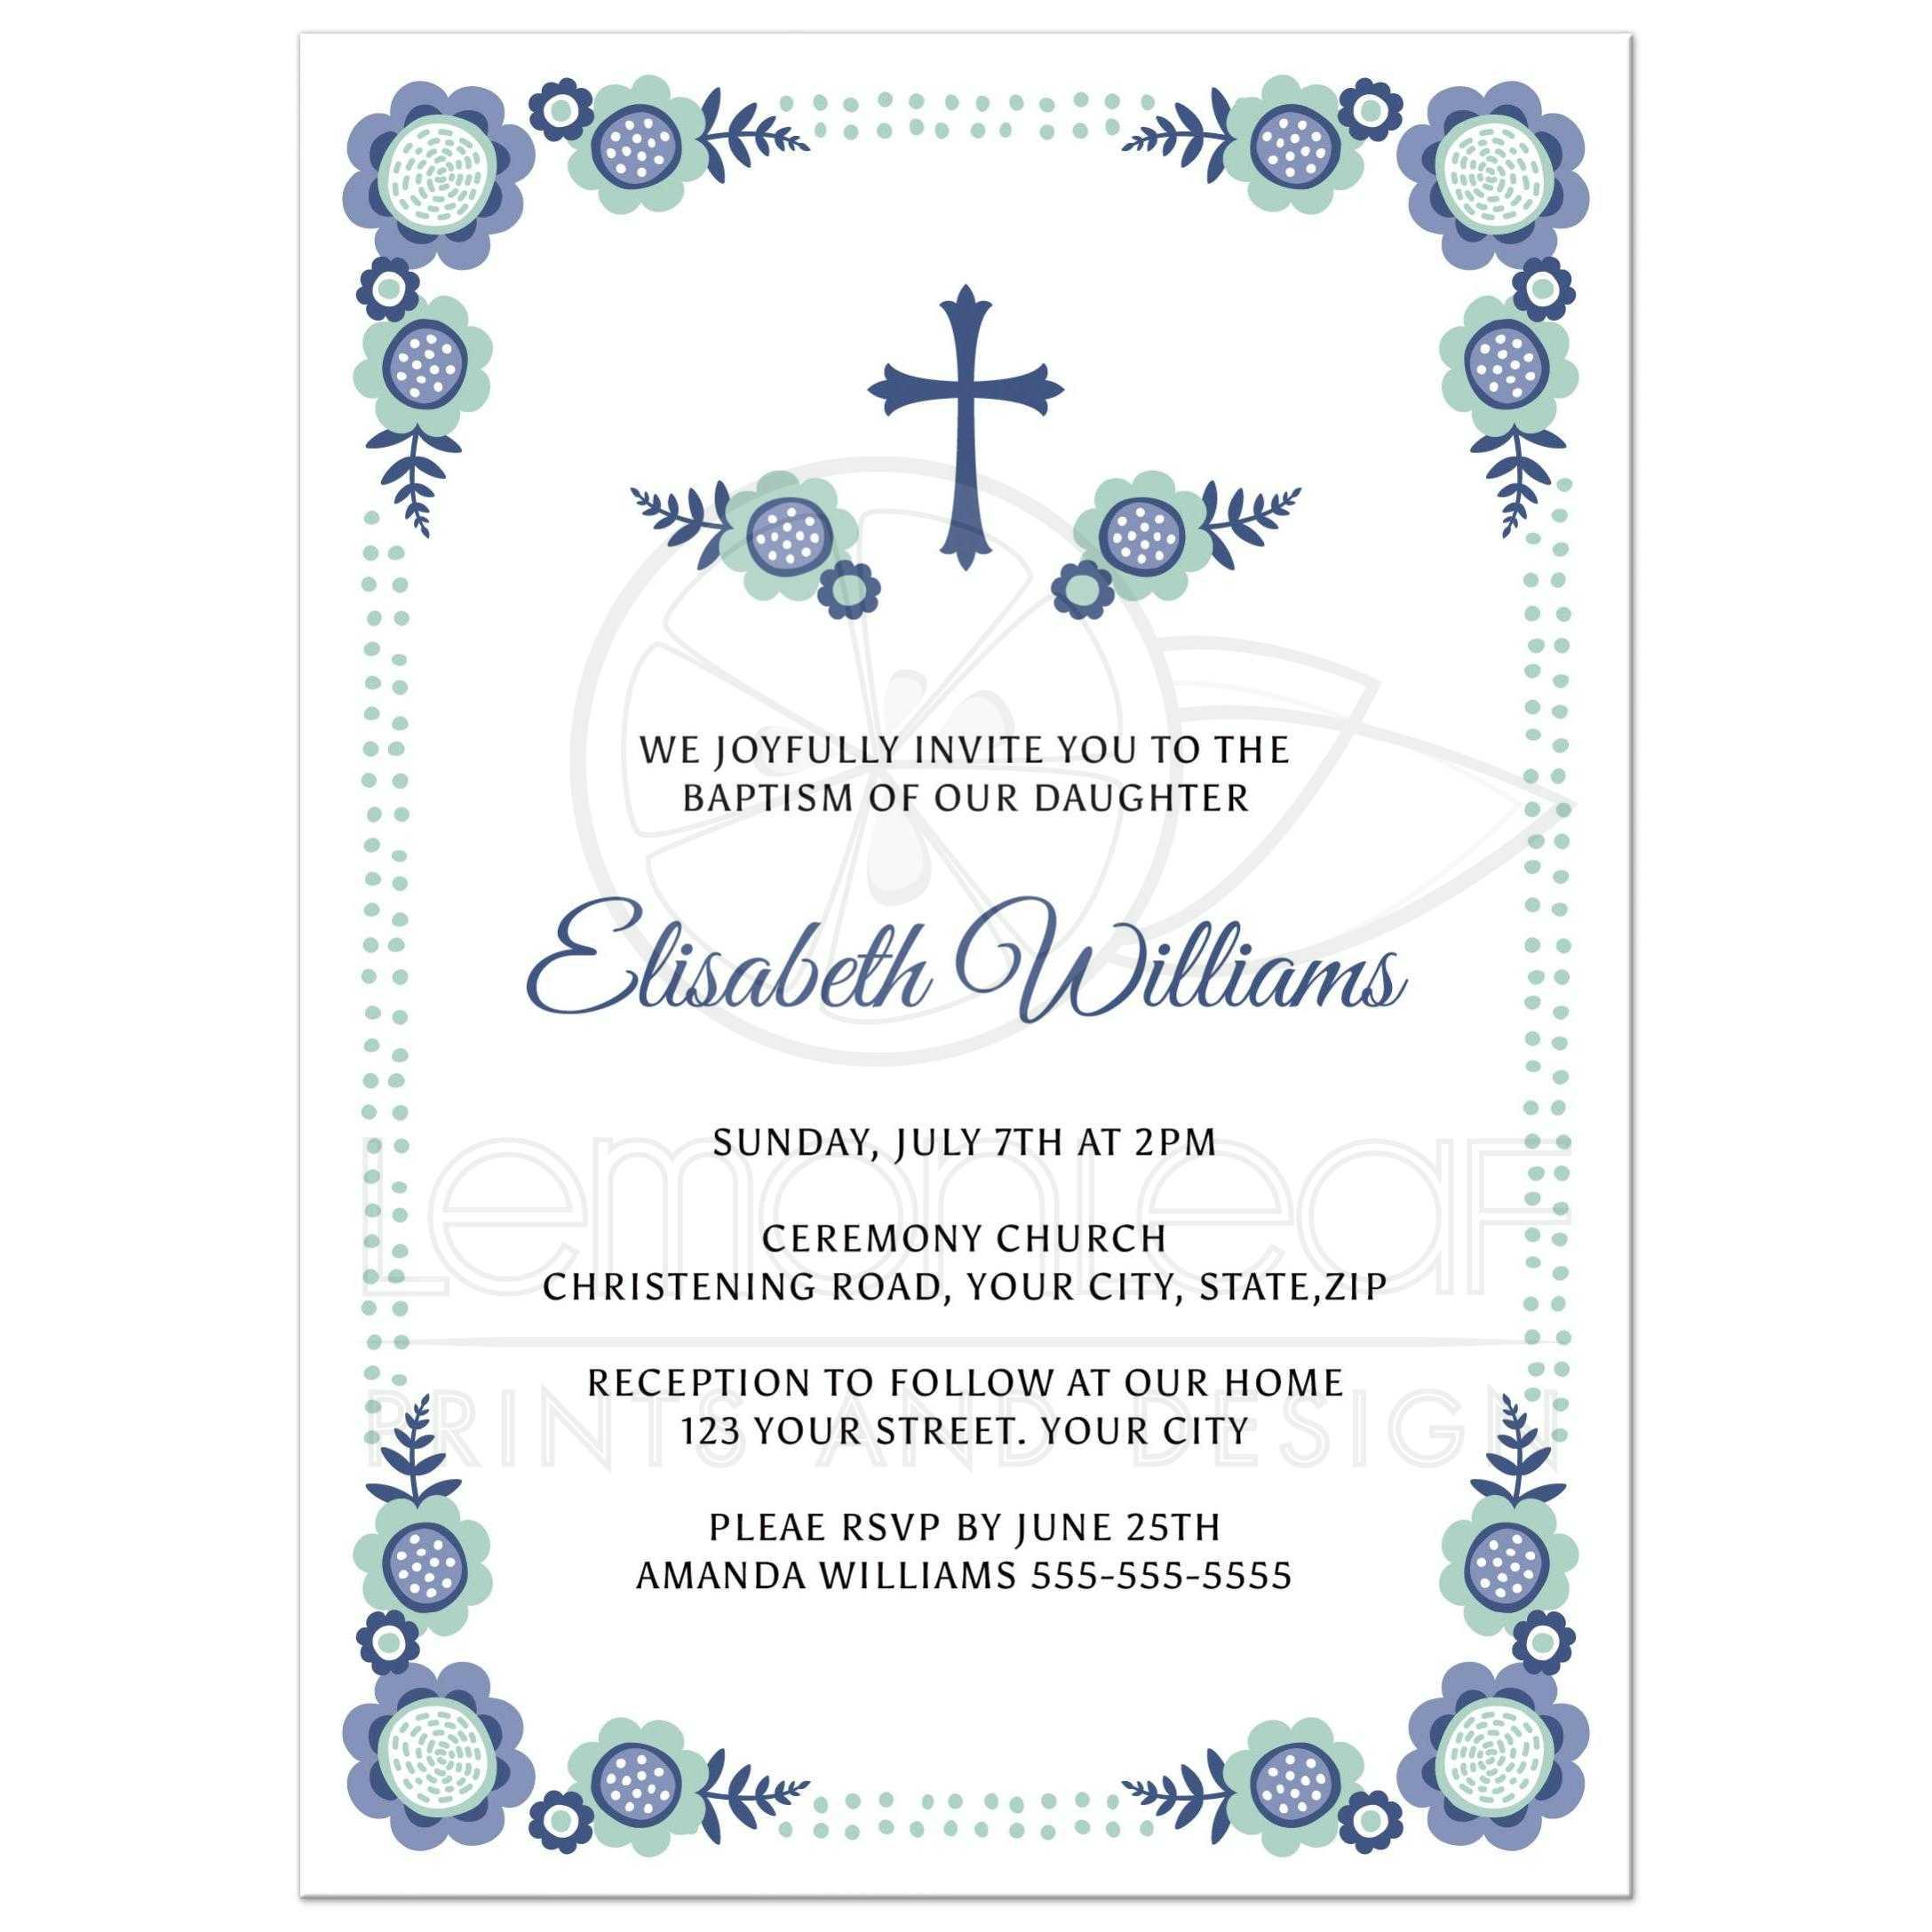 invitation for